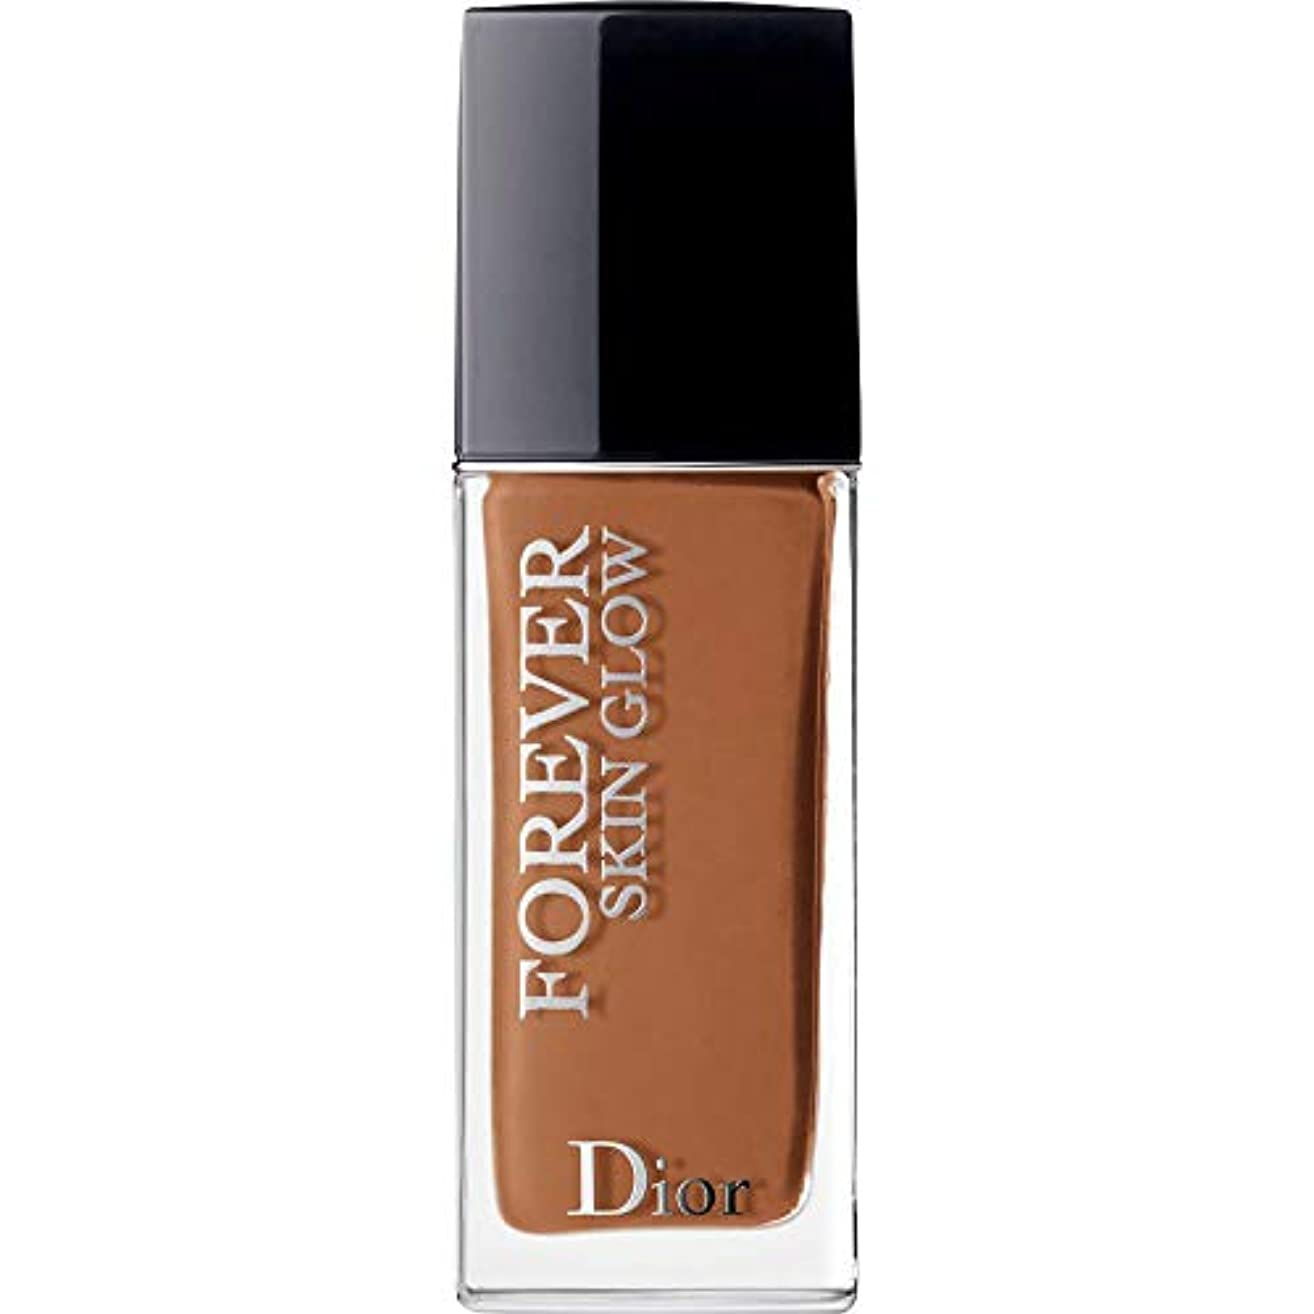 前にひねりクルー[Dior ] ディオール永遠に皮膚グロー皮膚思いやりの基礎Spf35 30ミリリットルの6N - ニュートラル(肌の輝き) - DIOR Forever Skin Glow Skin-Caring Foundation...